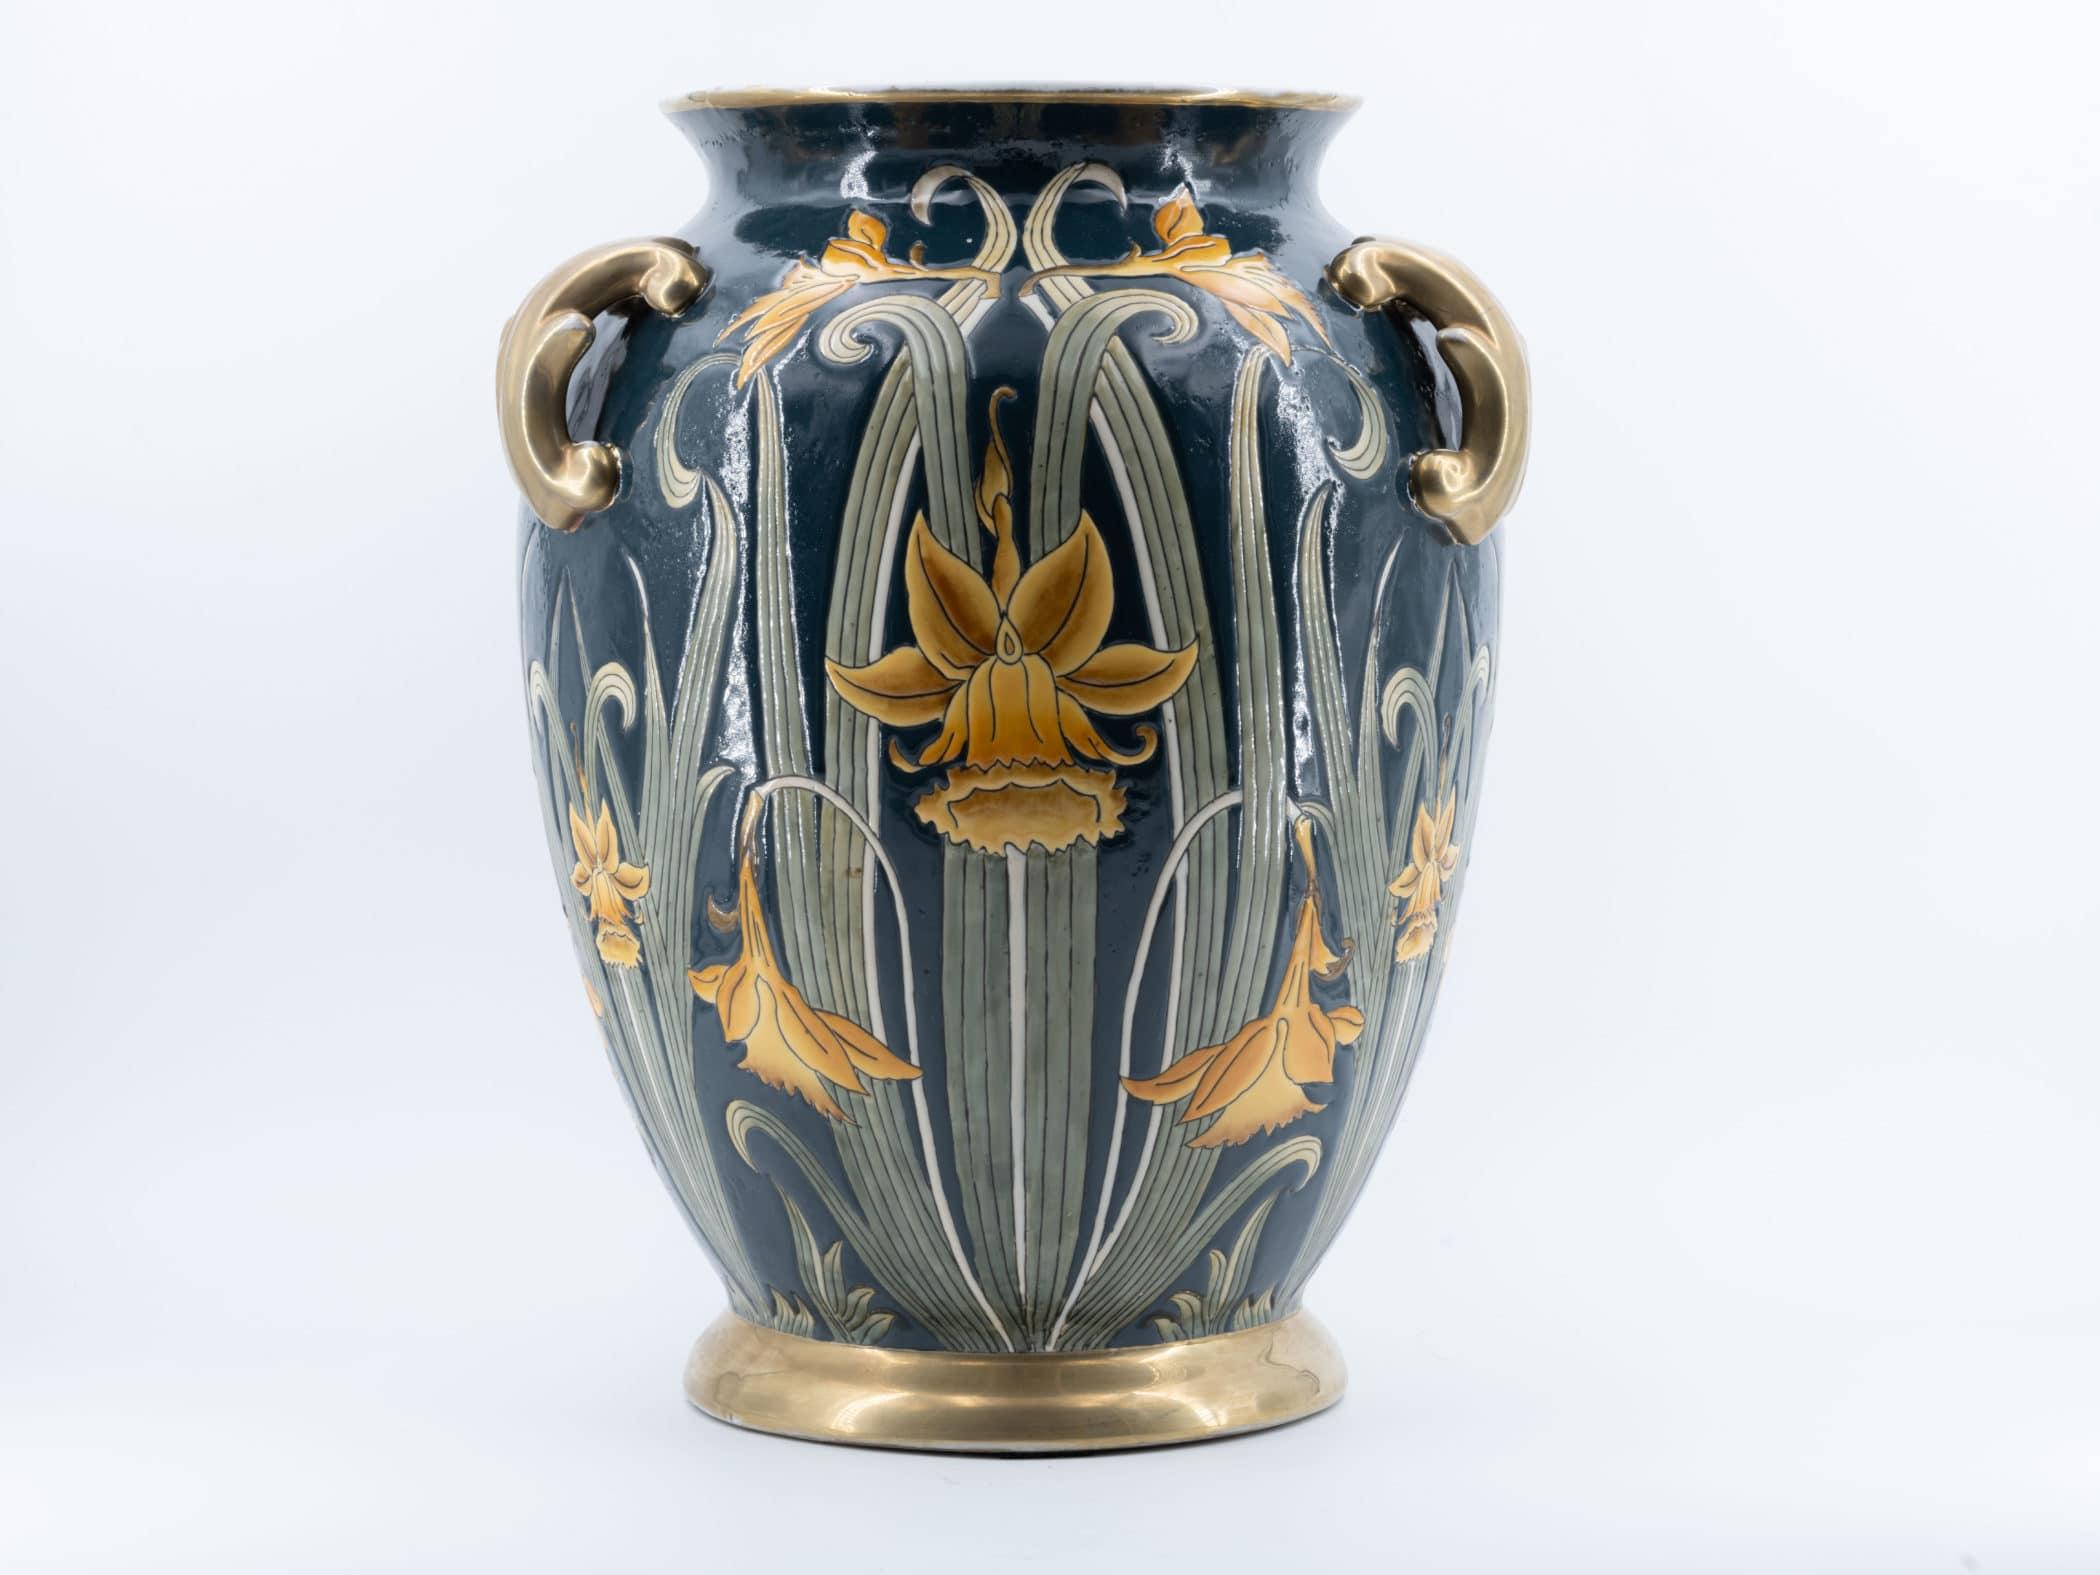 Vase en céramique à décor de jonquilles, XXe siècle.